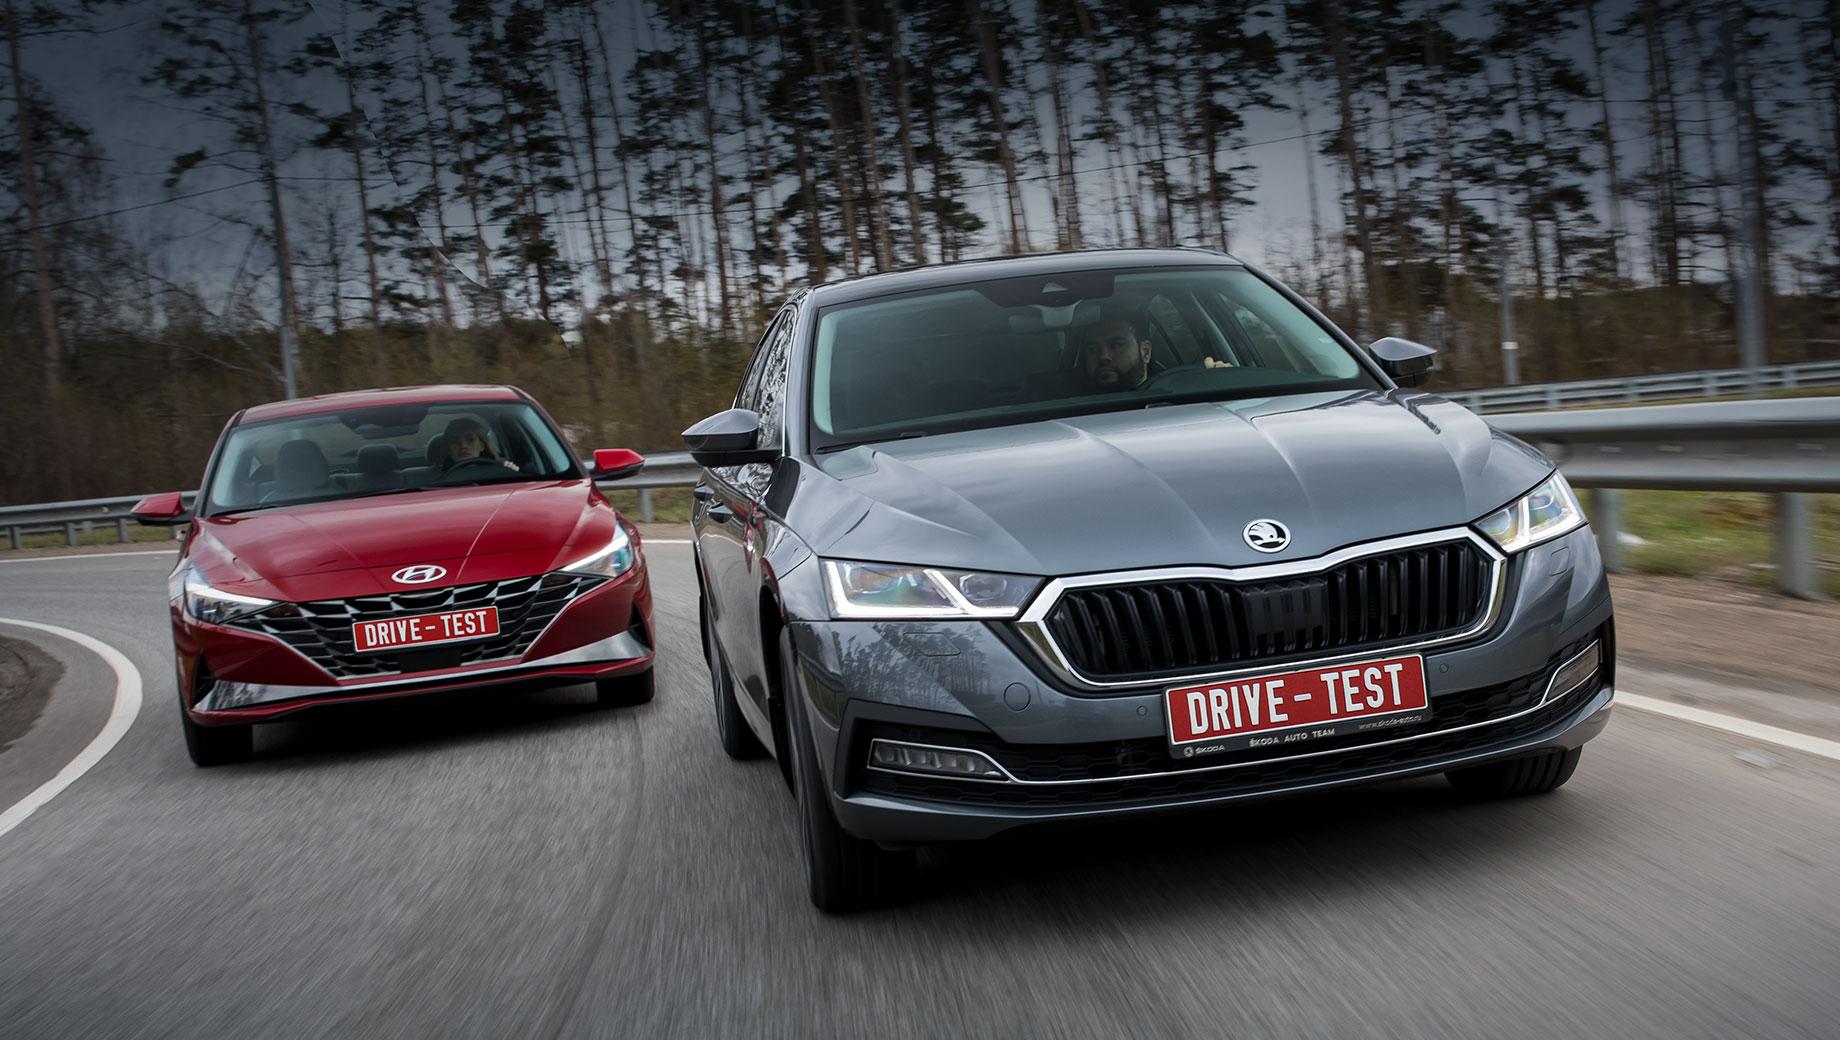 Тест-драйв: Выбираем из седана Hyundai Elantra и лифтбека Skoda Octavia